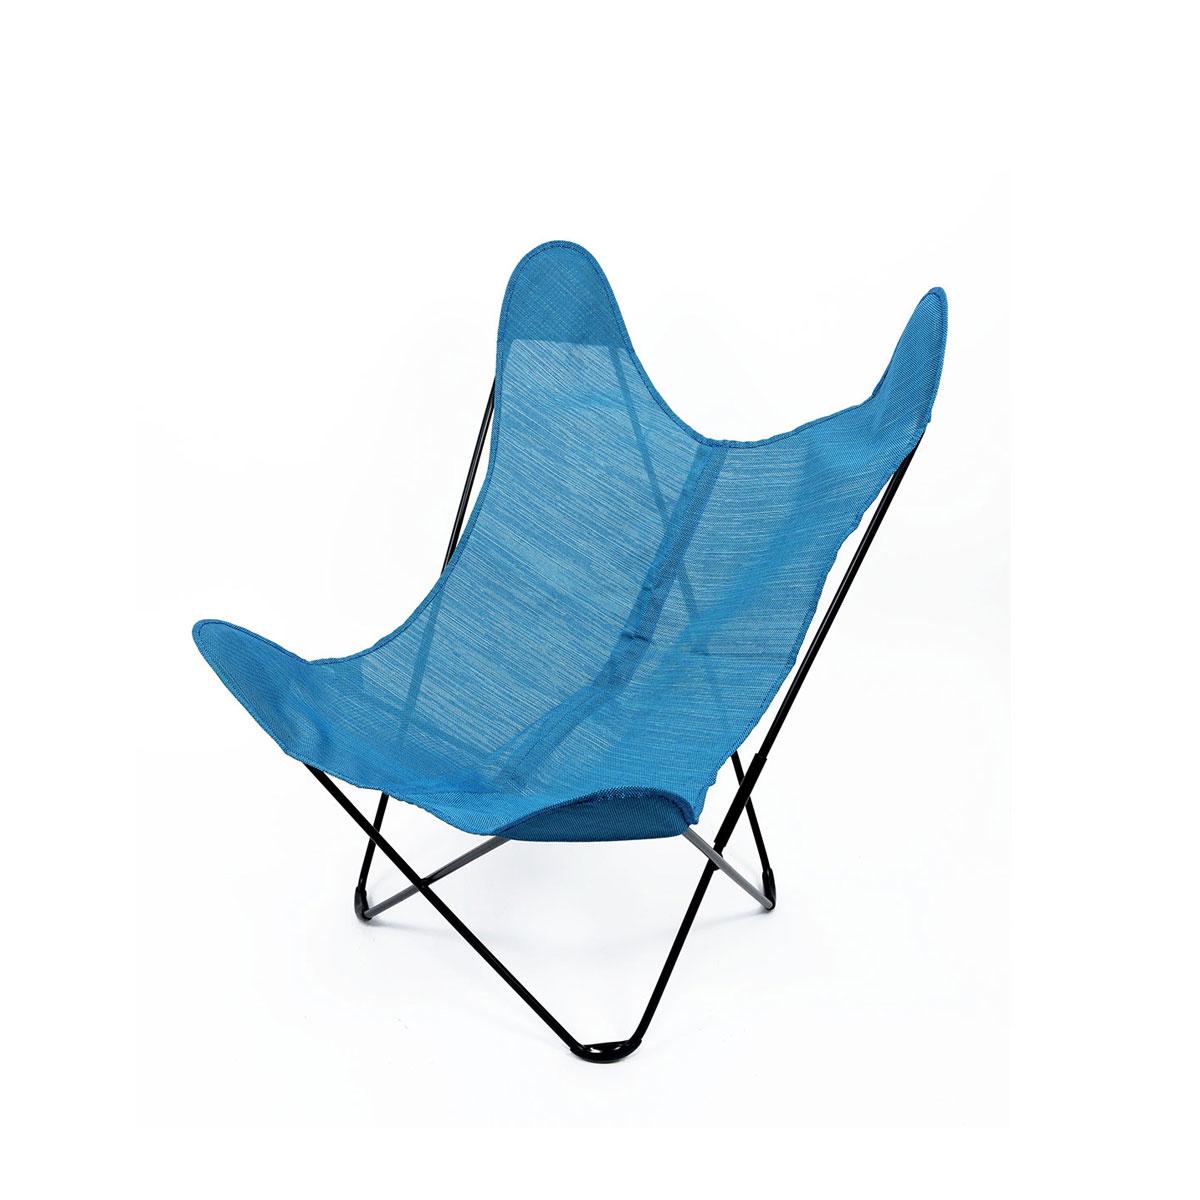 Fauteuil extérieur Papillon en toile batyline - Bleu